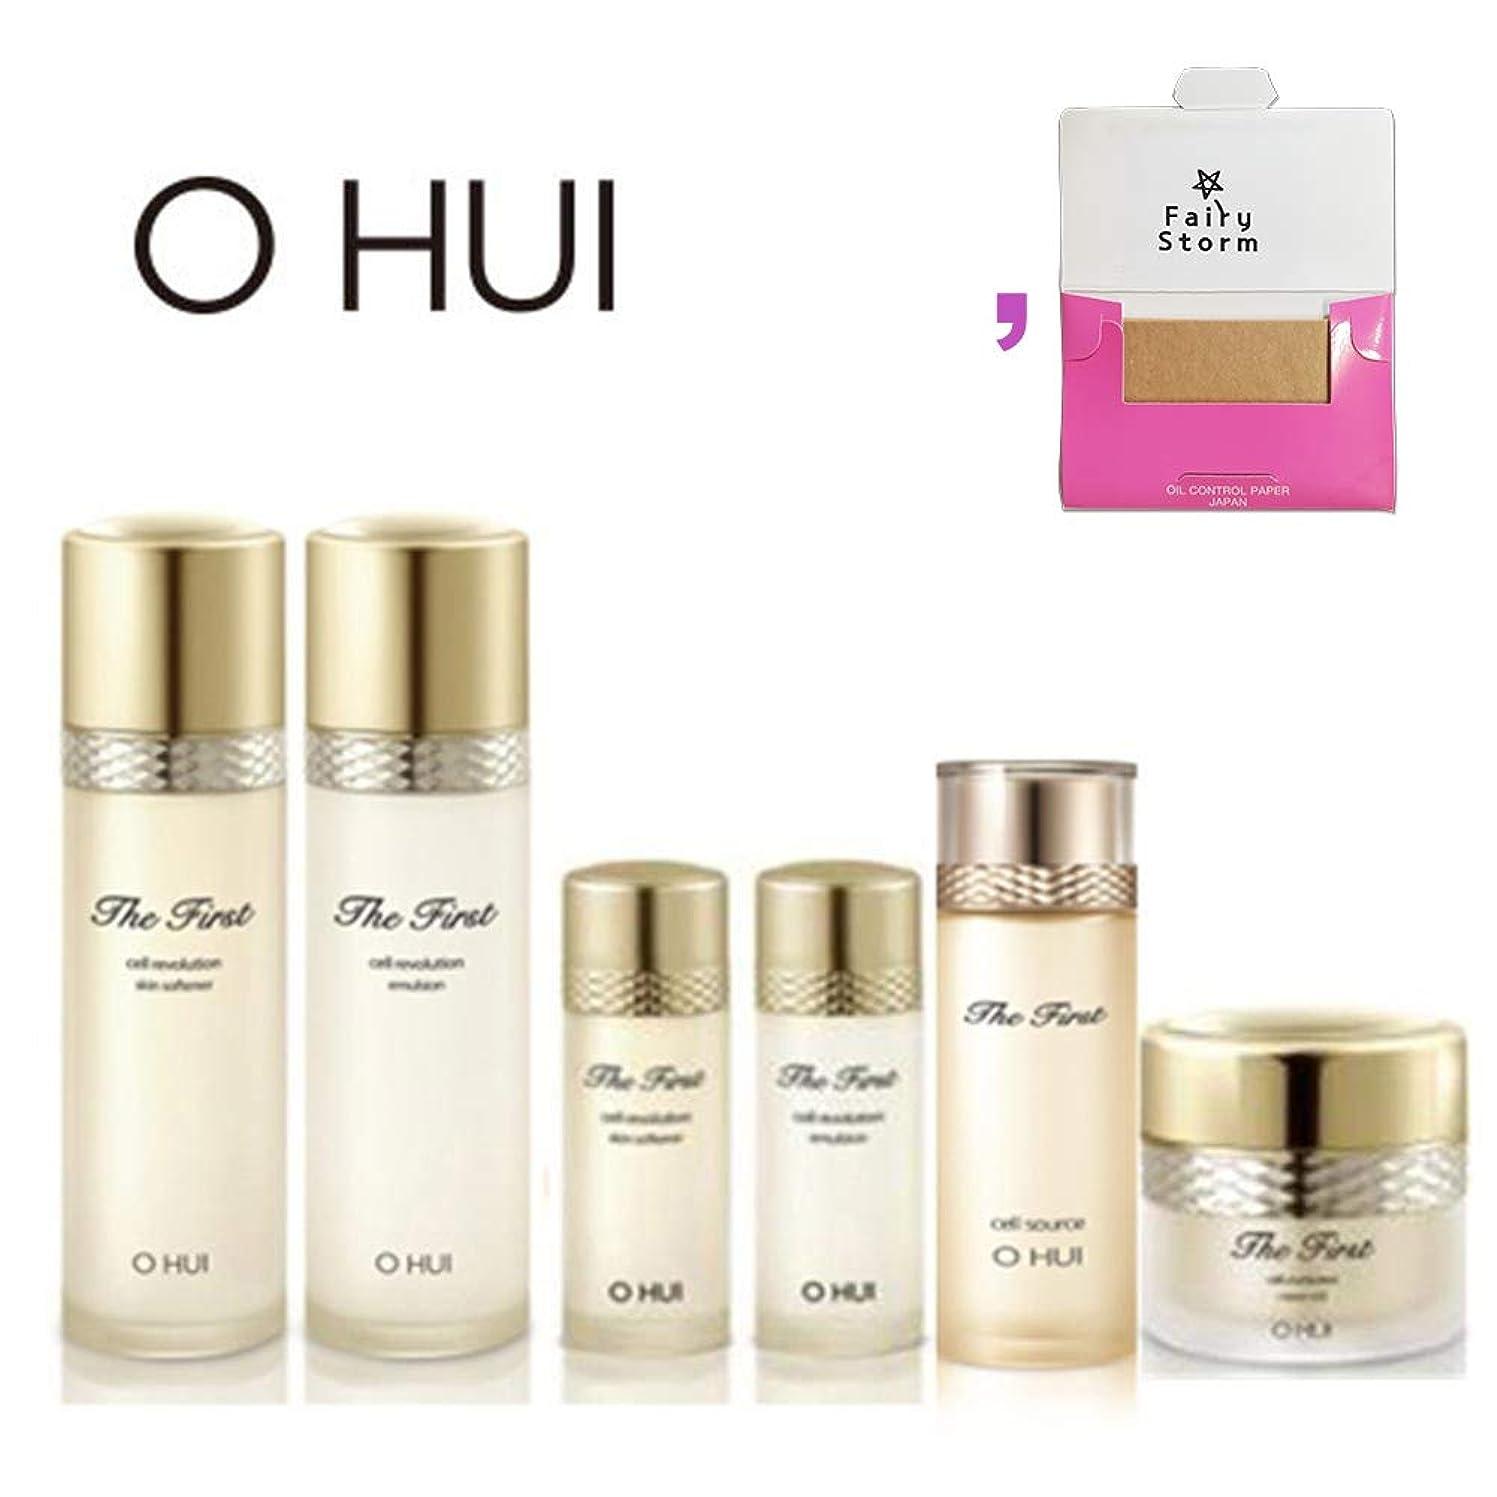 練習承認するタワーオフィス/ O HUI OHUI The First SPECIAL SET/ザファースト2種のスキンケア特別企画セット + Sample Gift (海外直送品)